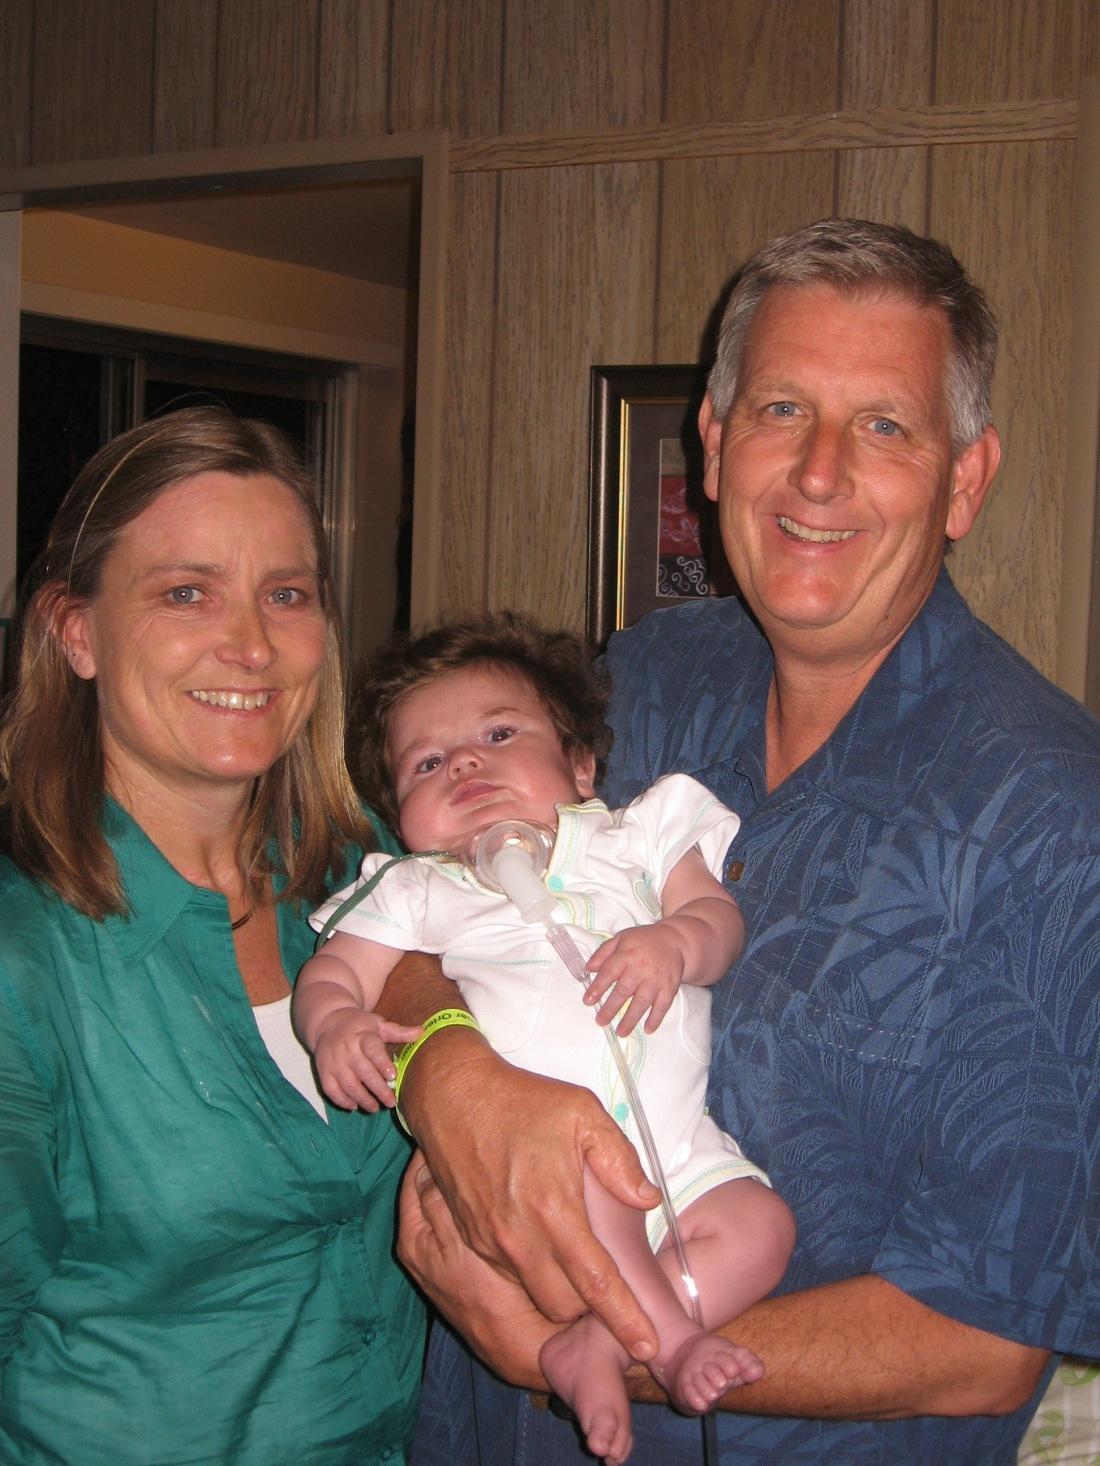 Dr. Rick and Dr. Susan